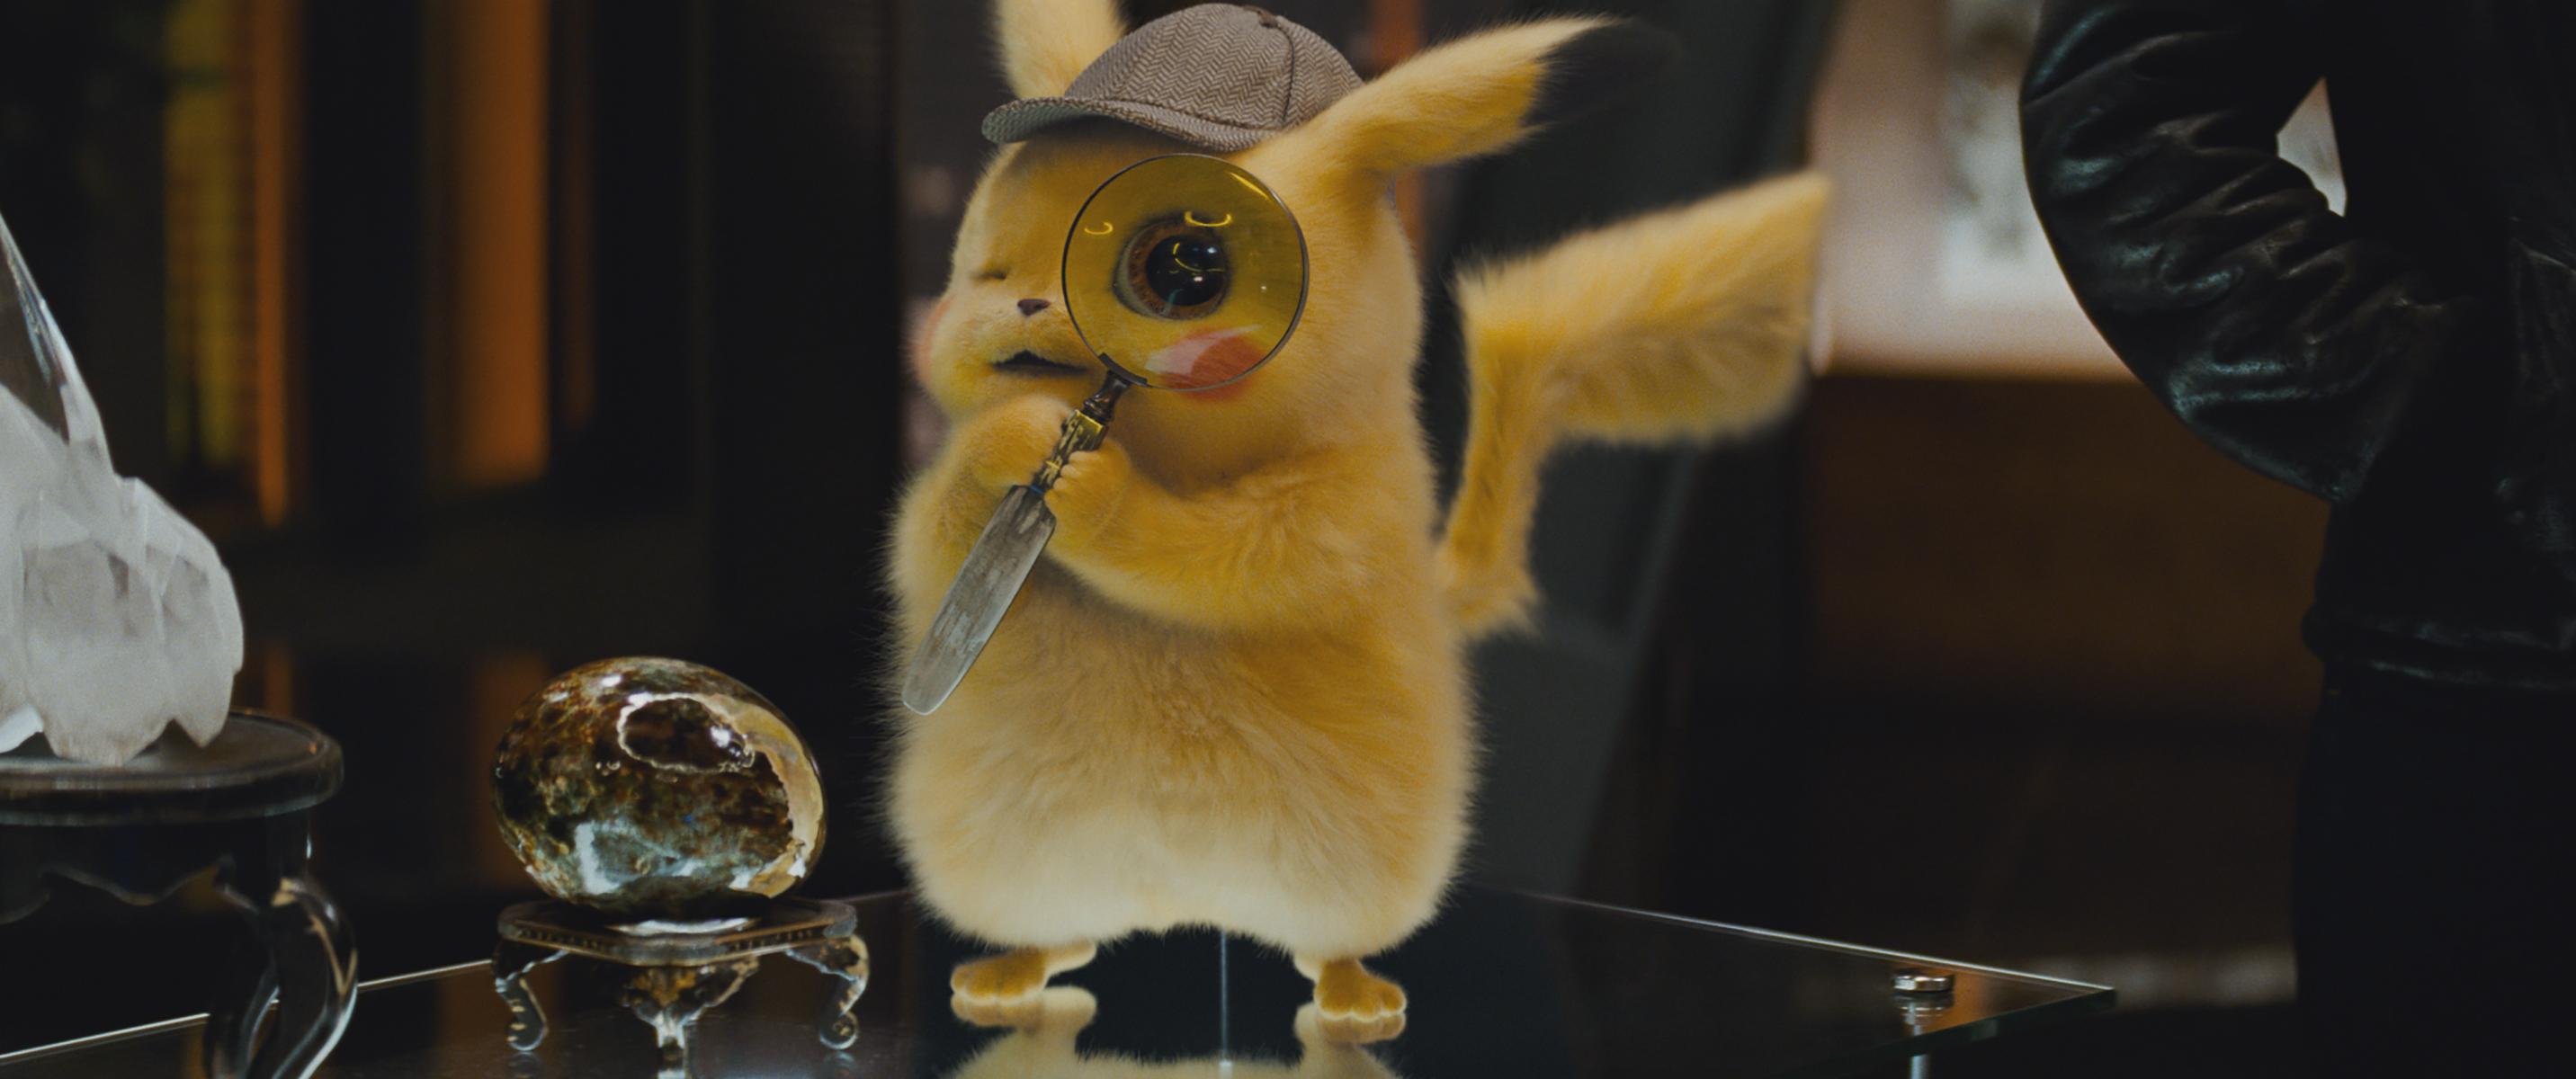 recensione Pokemon detective Pikachu Cabiria Magazine